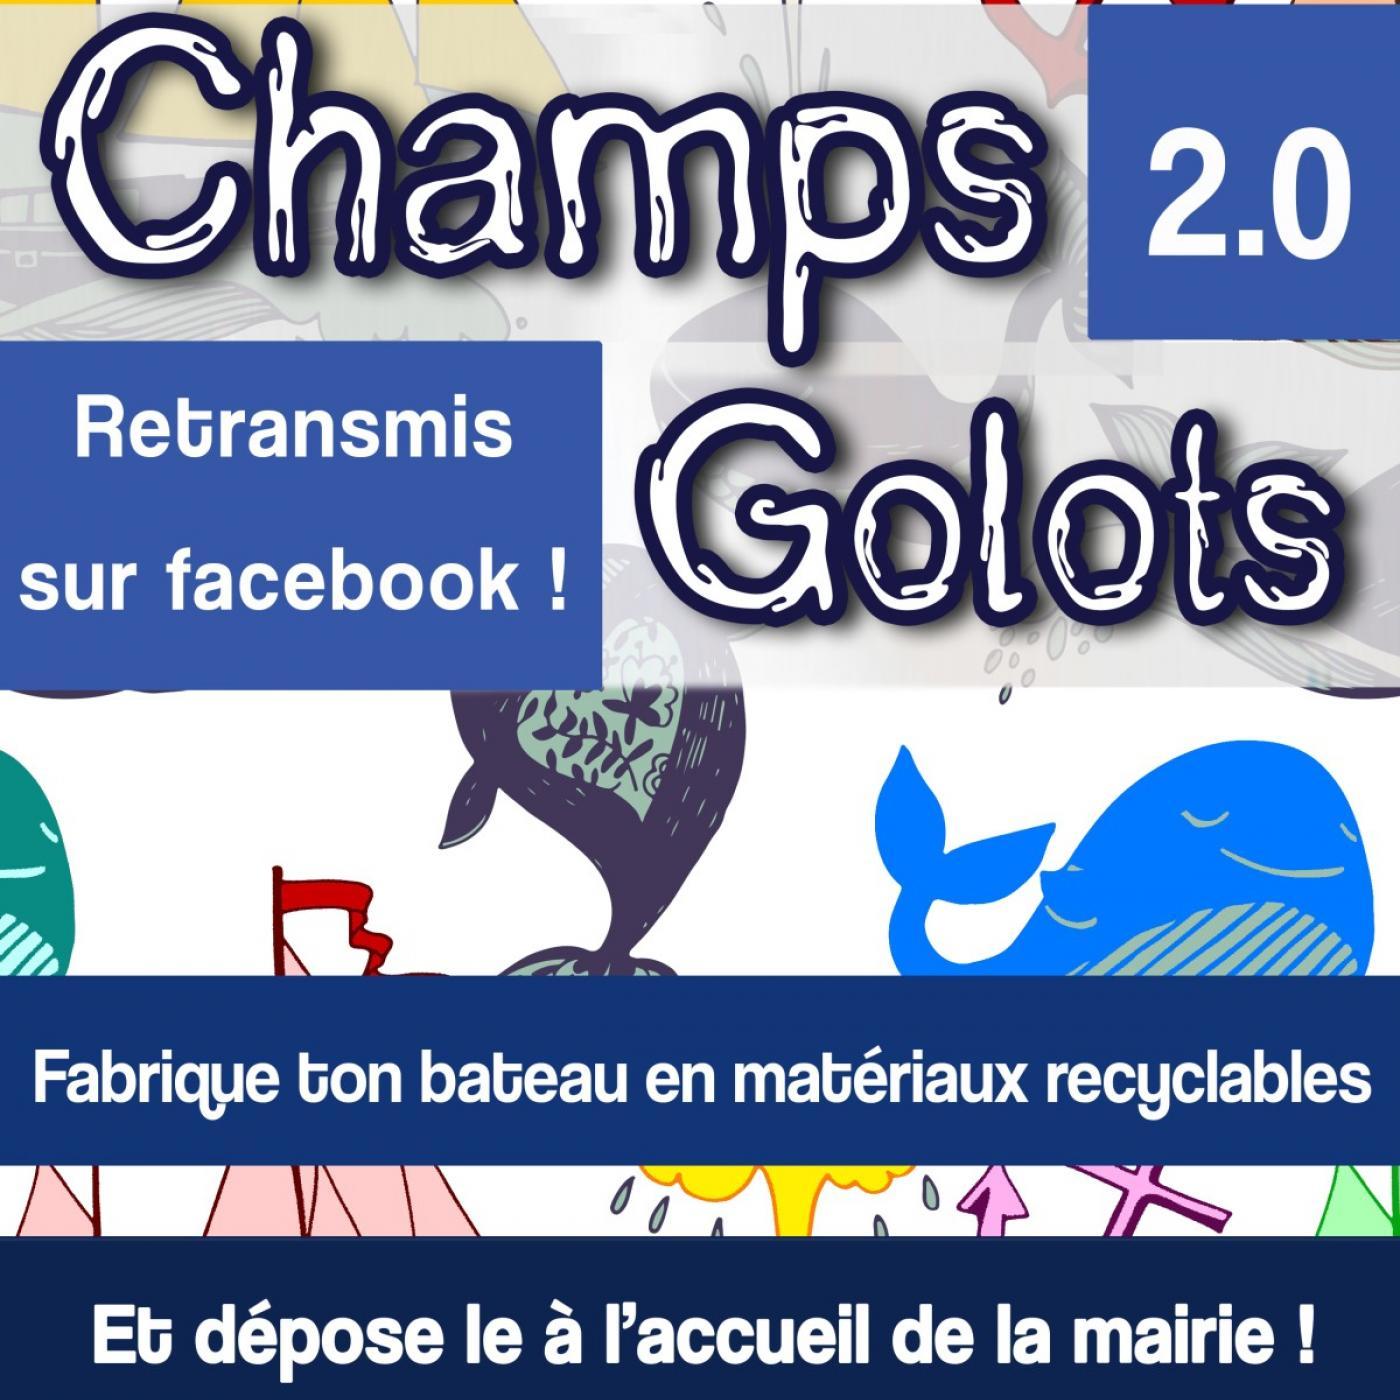 Capavenir : Participez aux Champs Golots 2.0